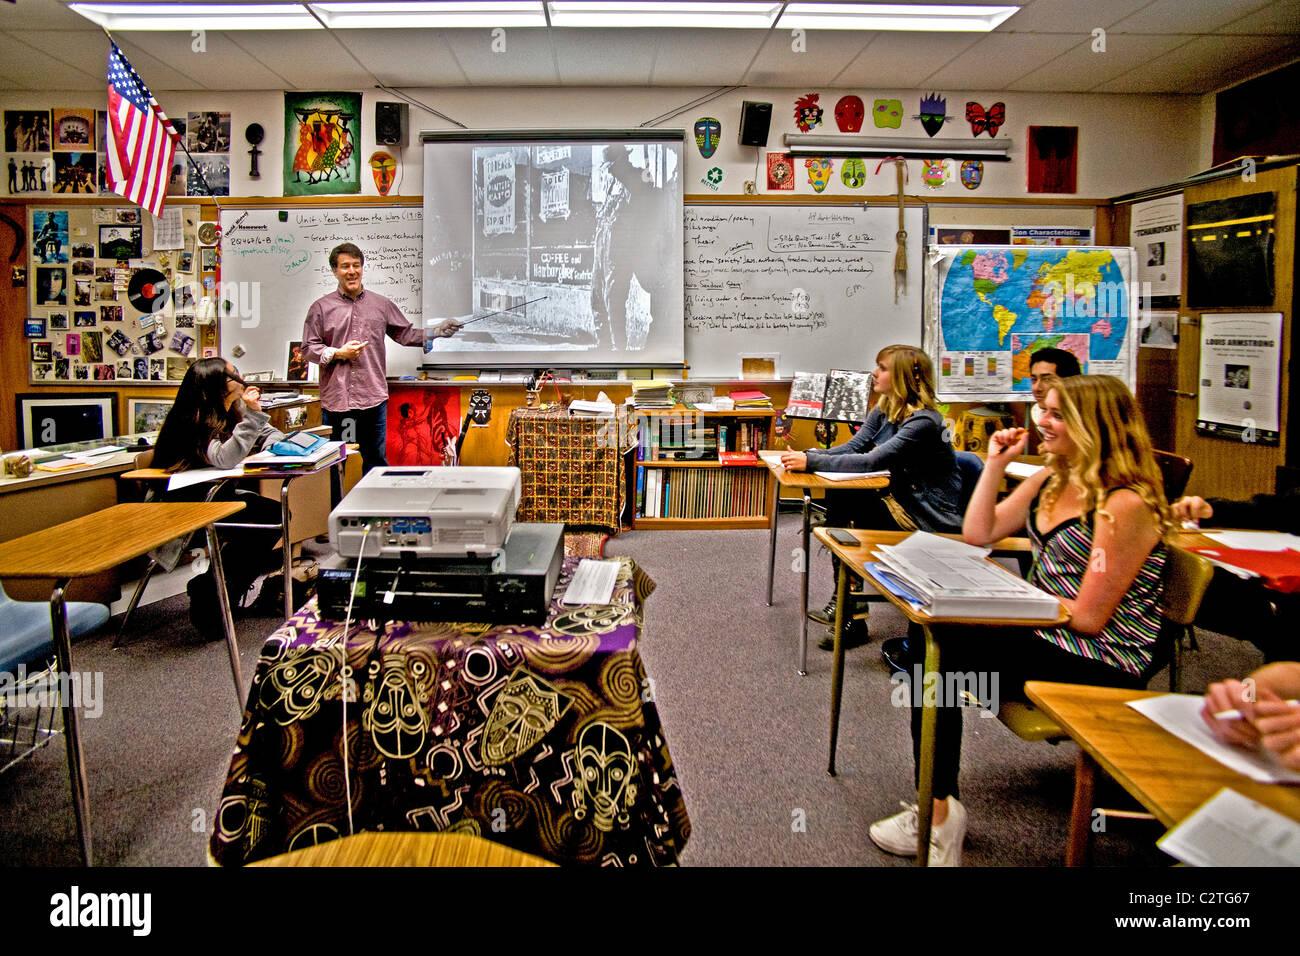 Un insegnante di storia utilizza un display a cristalli liquidi (LCD) proiettore quando parlando alla sua classe Immagini Stock